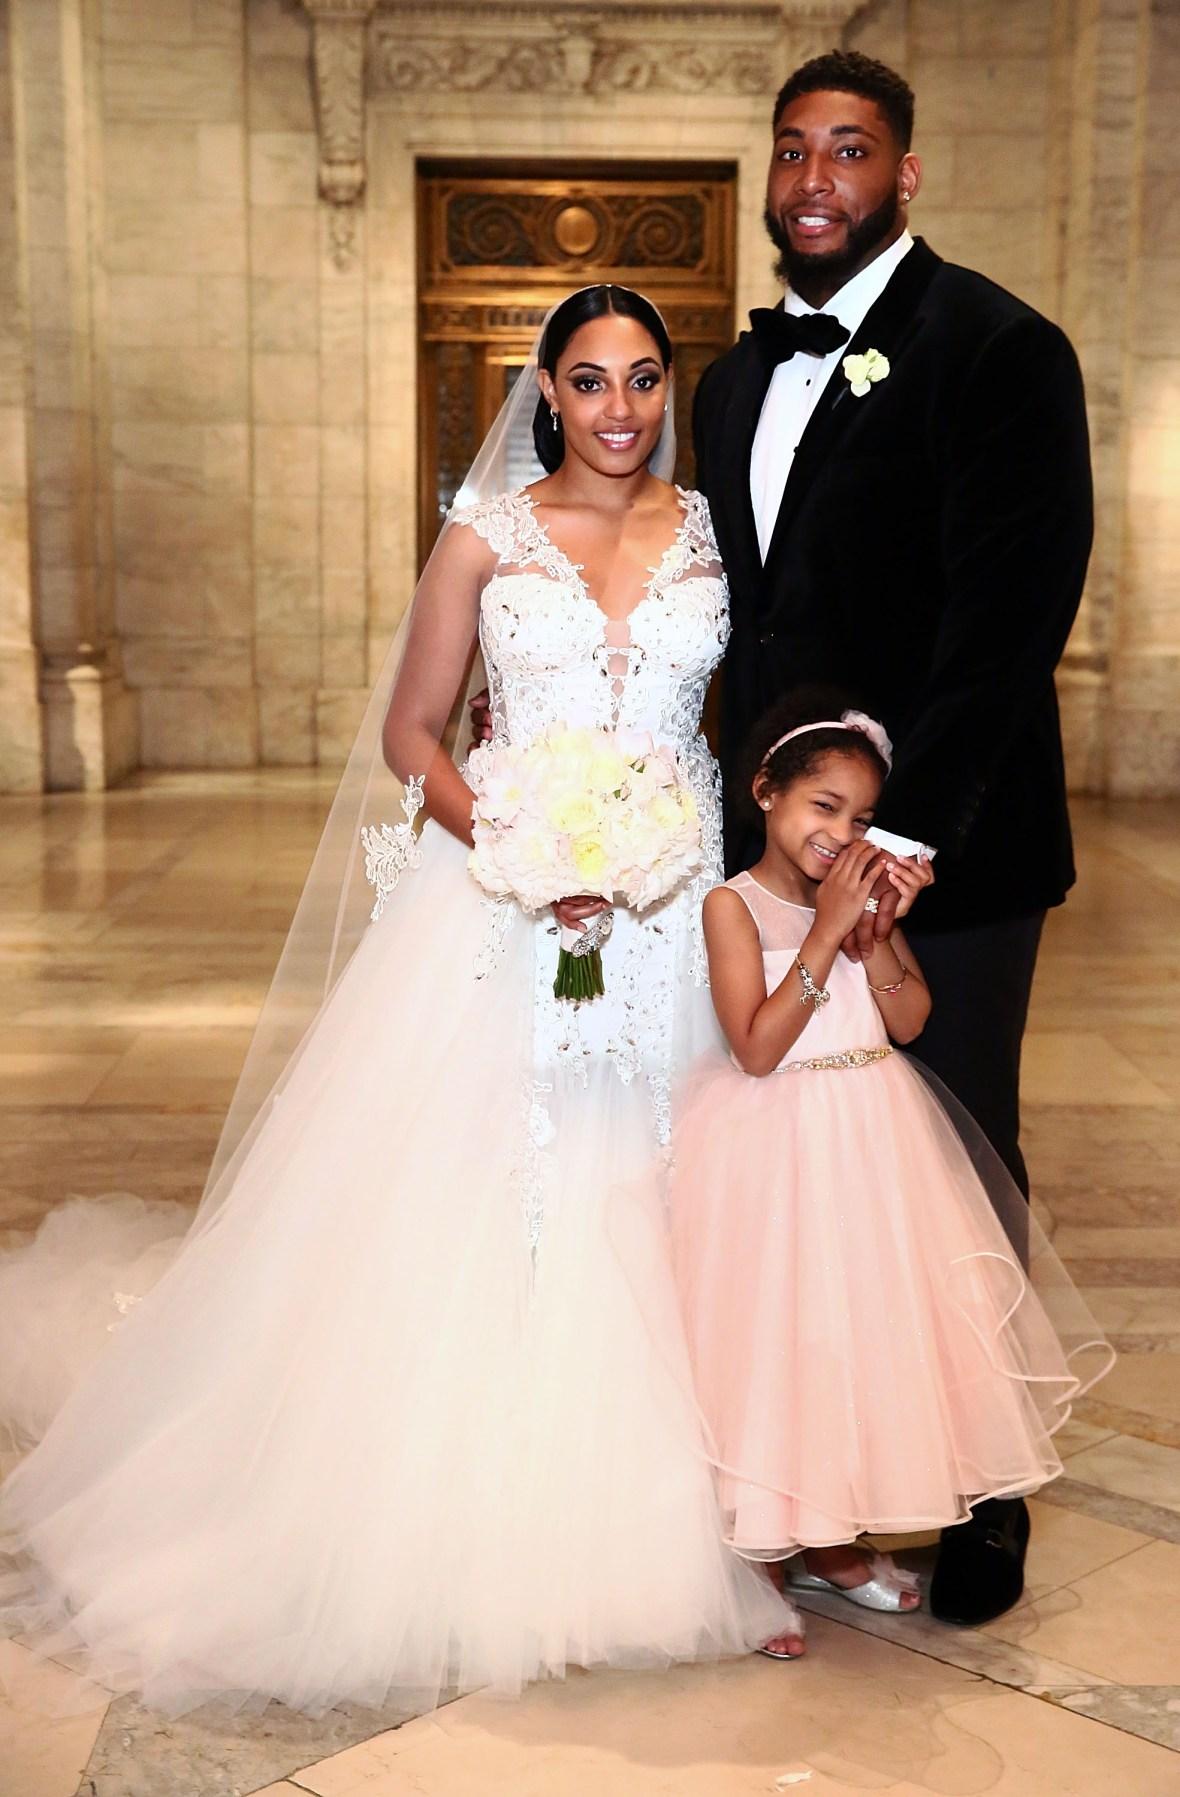 devon still asha joyce wedding with daughter leah getty 2016